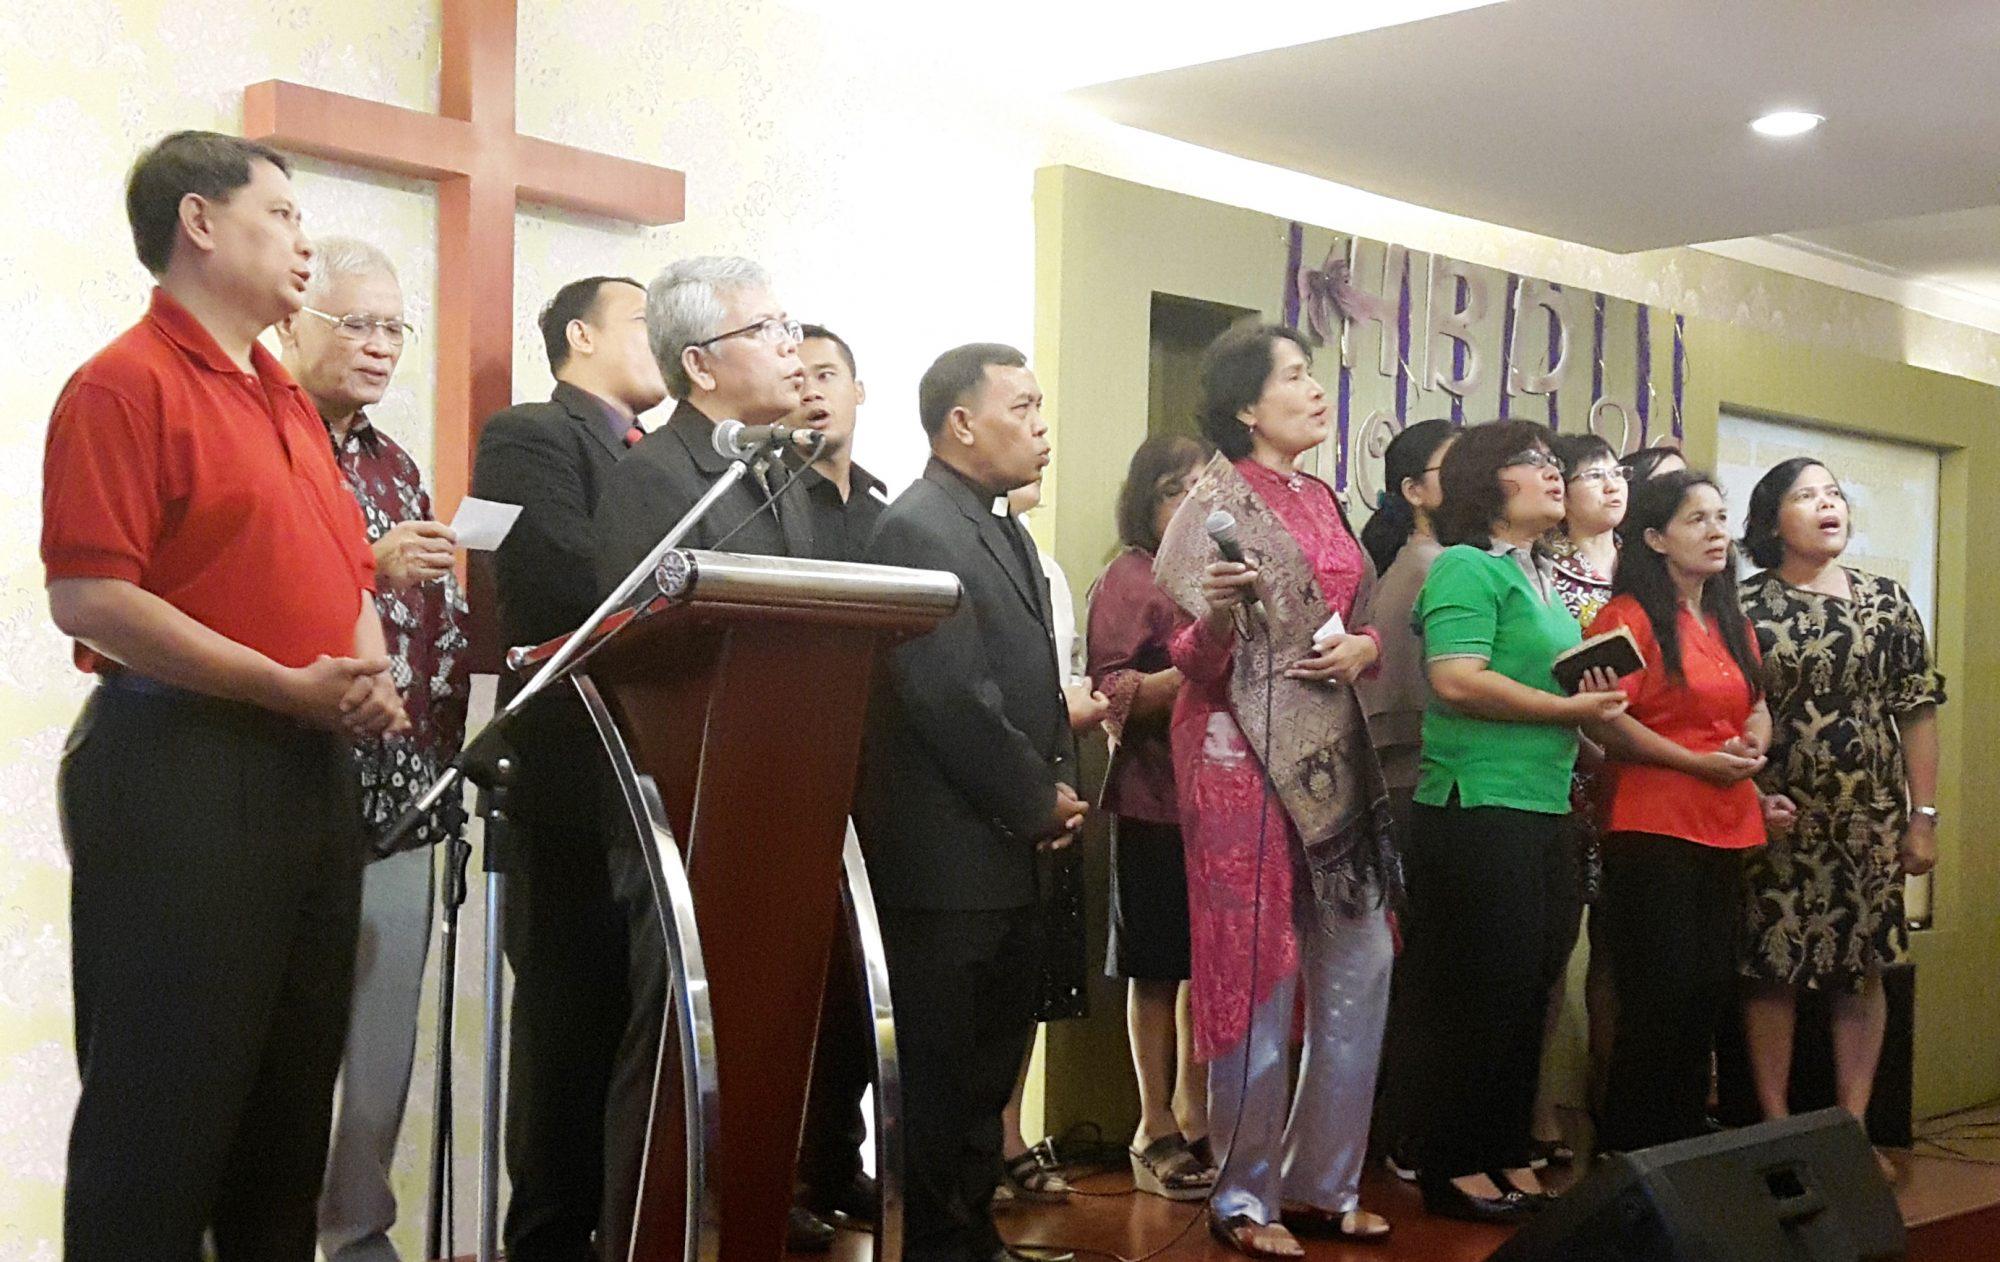 Gereja Misi Injili Indonesia (GMII) Jemaat LOGOS Jakarta